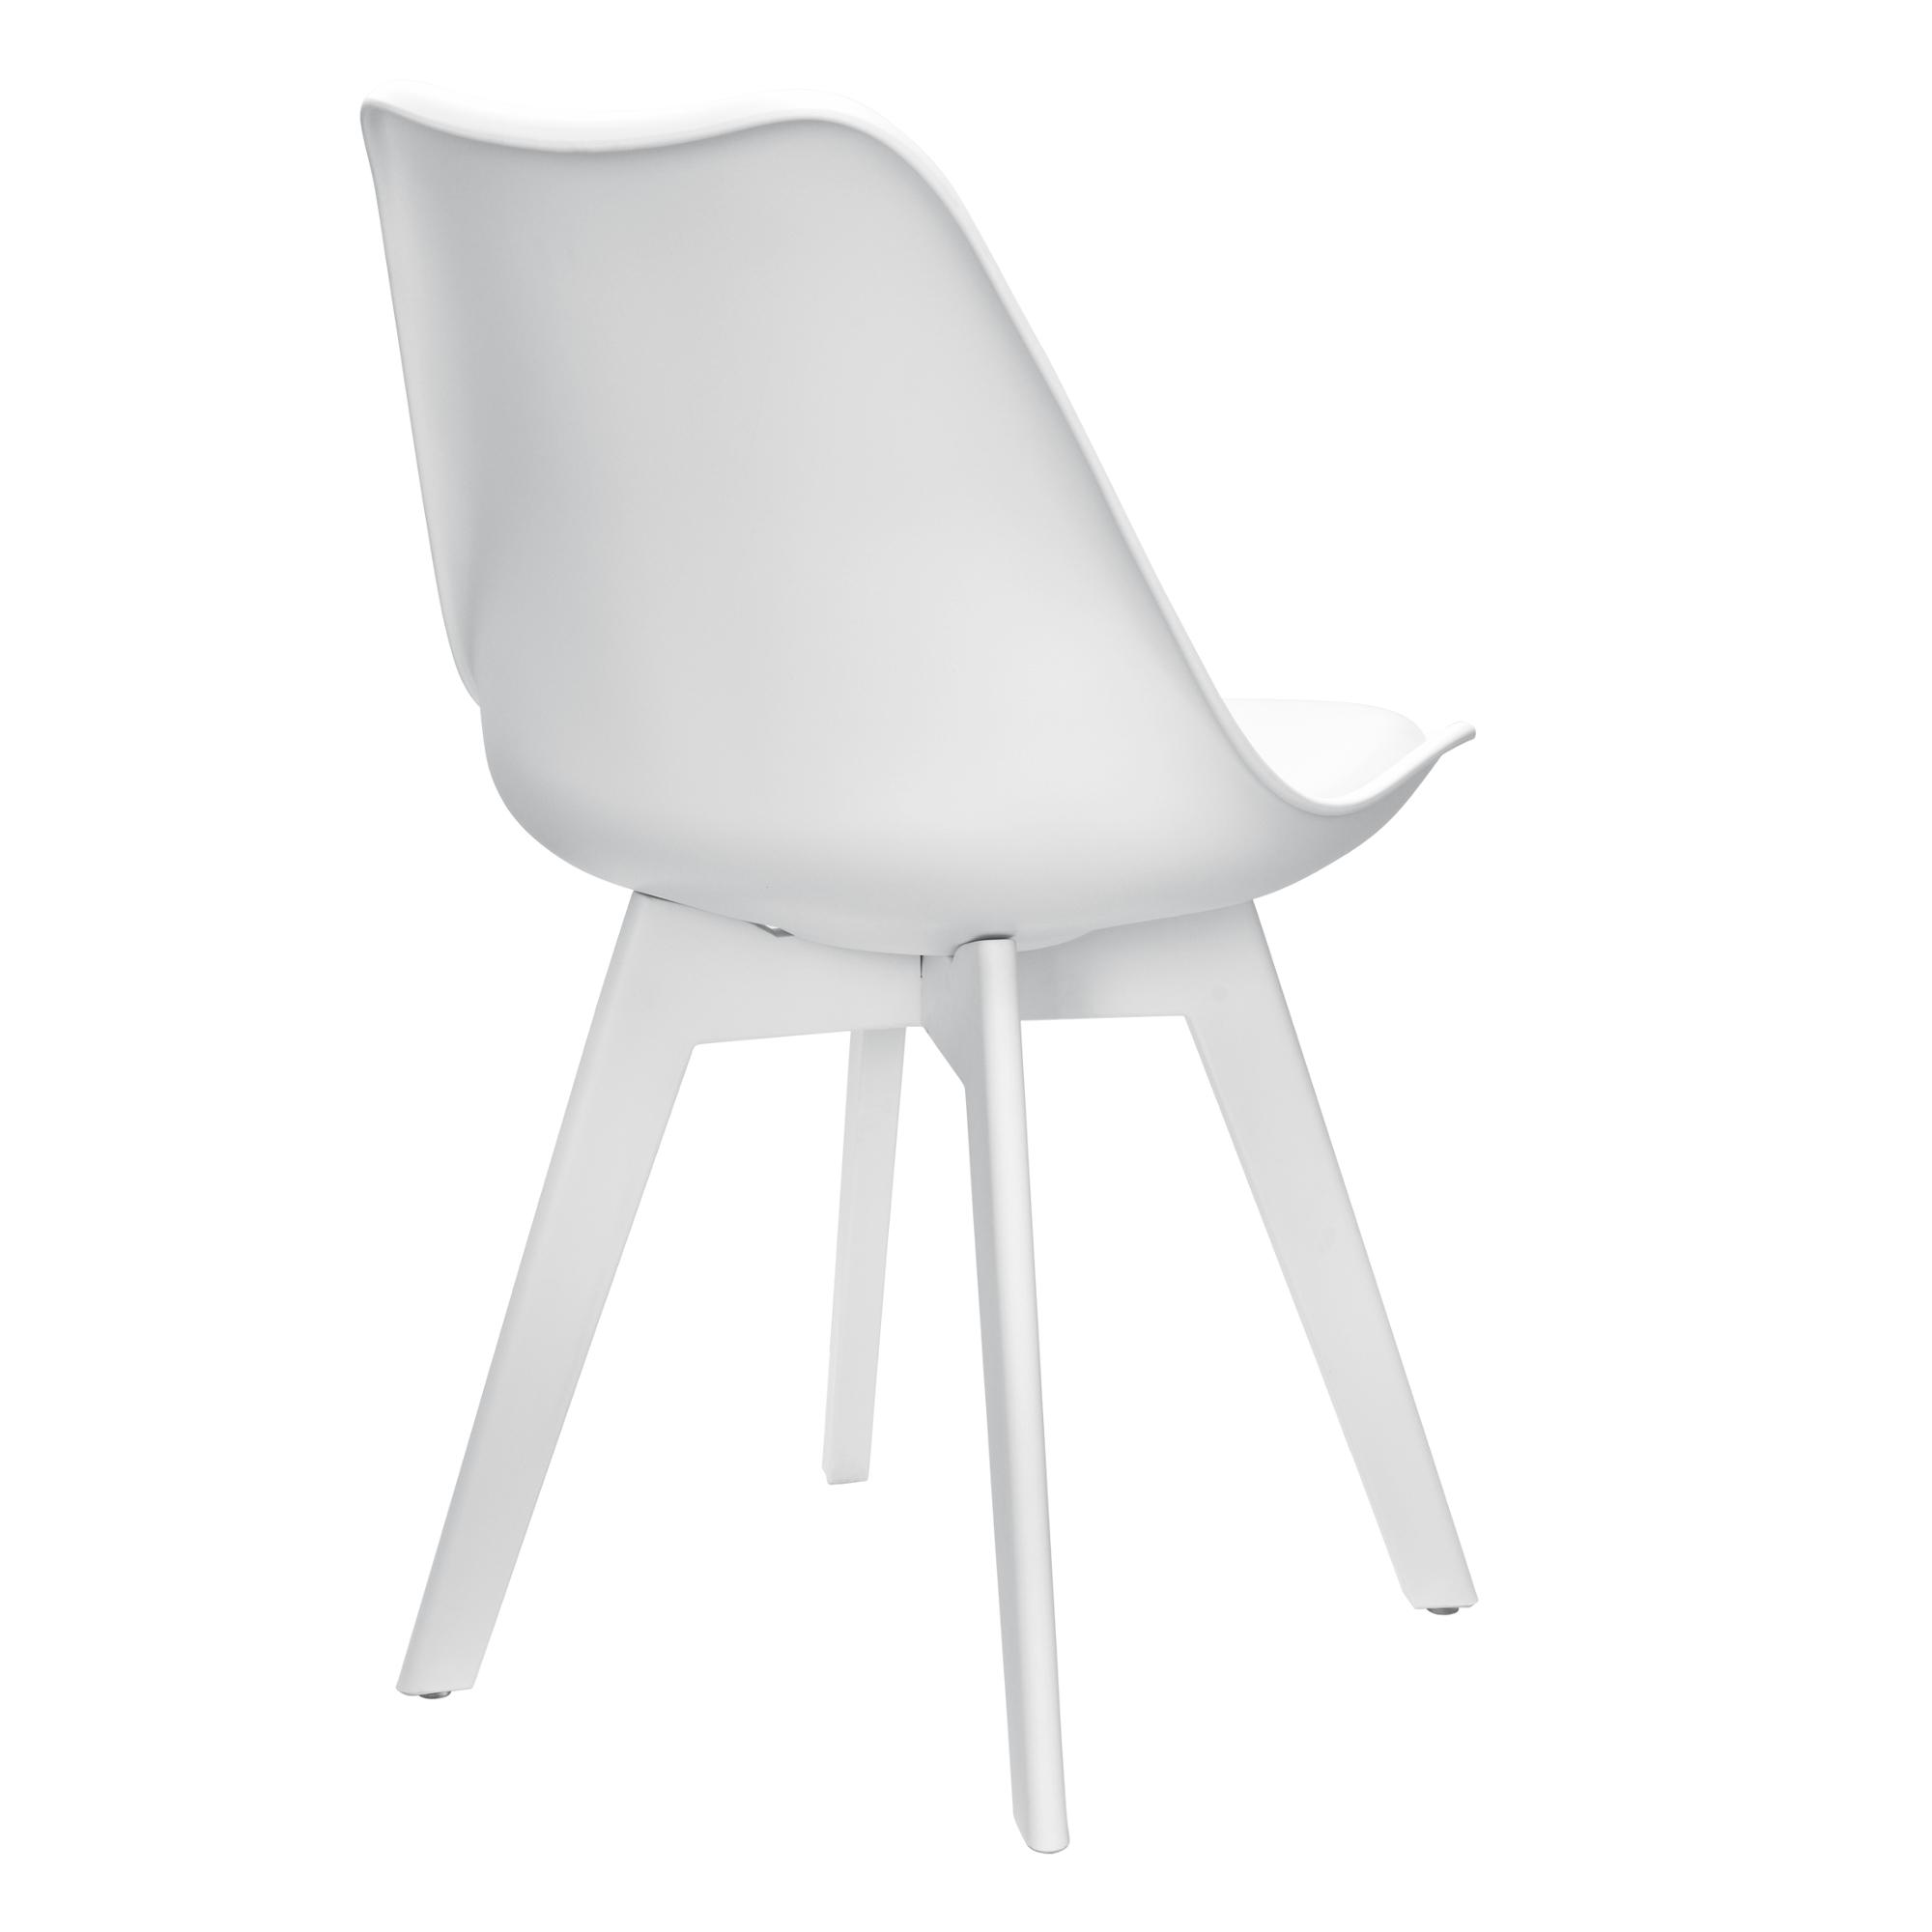 2x dise o sillas comedor blanco pl stico piel - Sillas plastico diseno ...